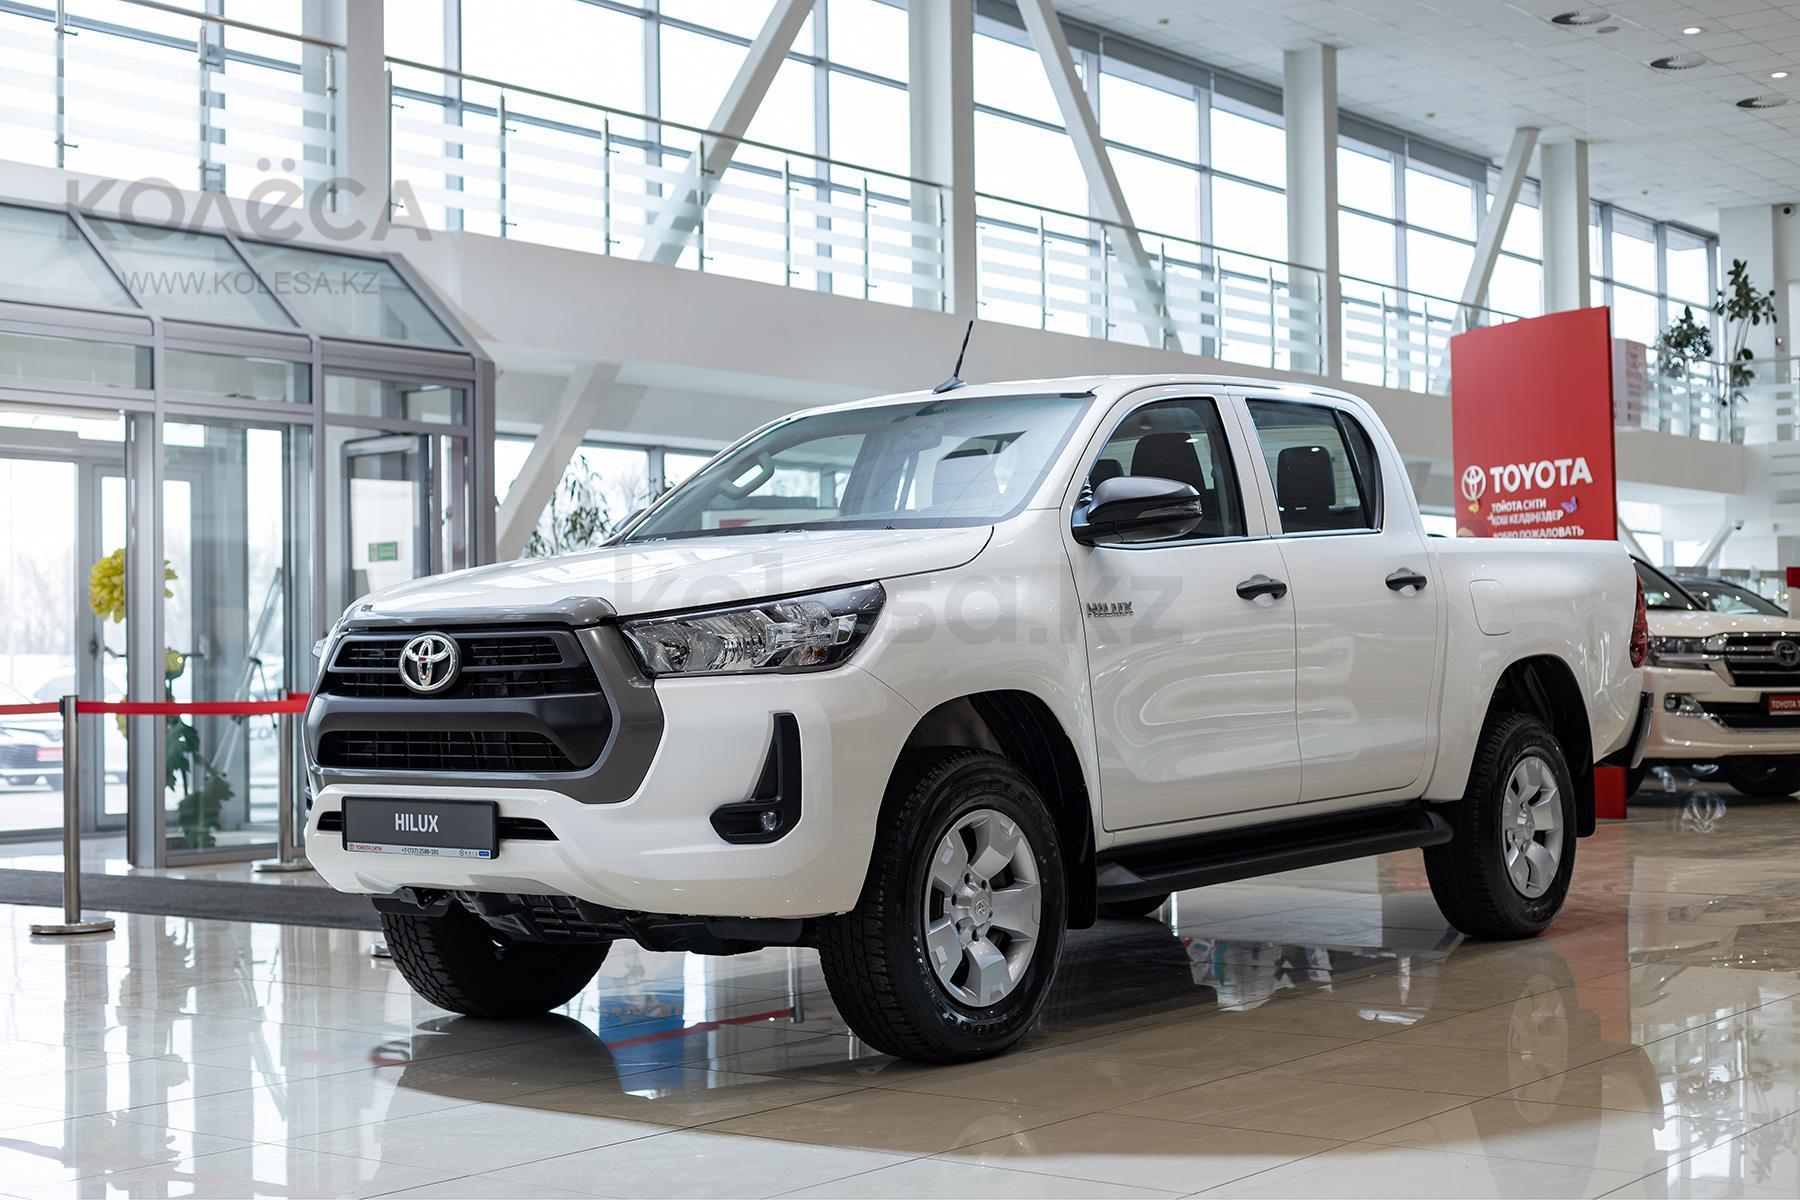 Toyota Hilux J класса 2020-2021 года от 20 340 000 тенге